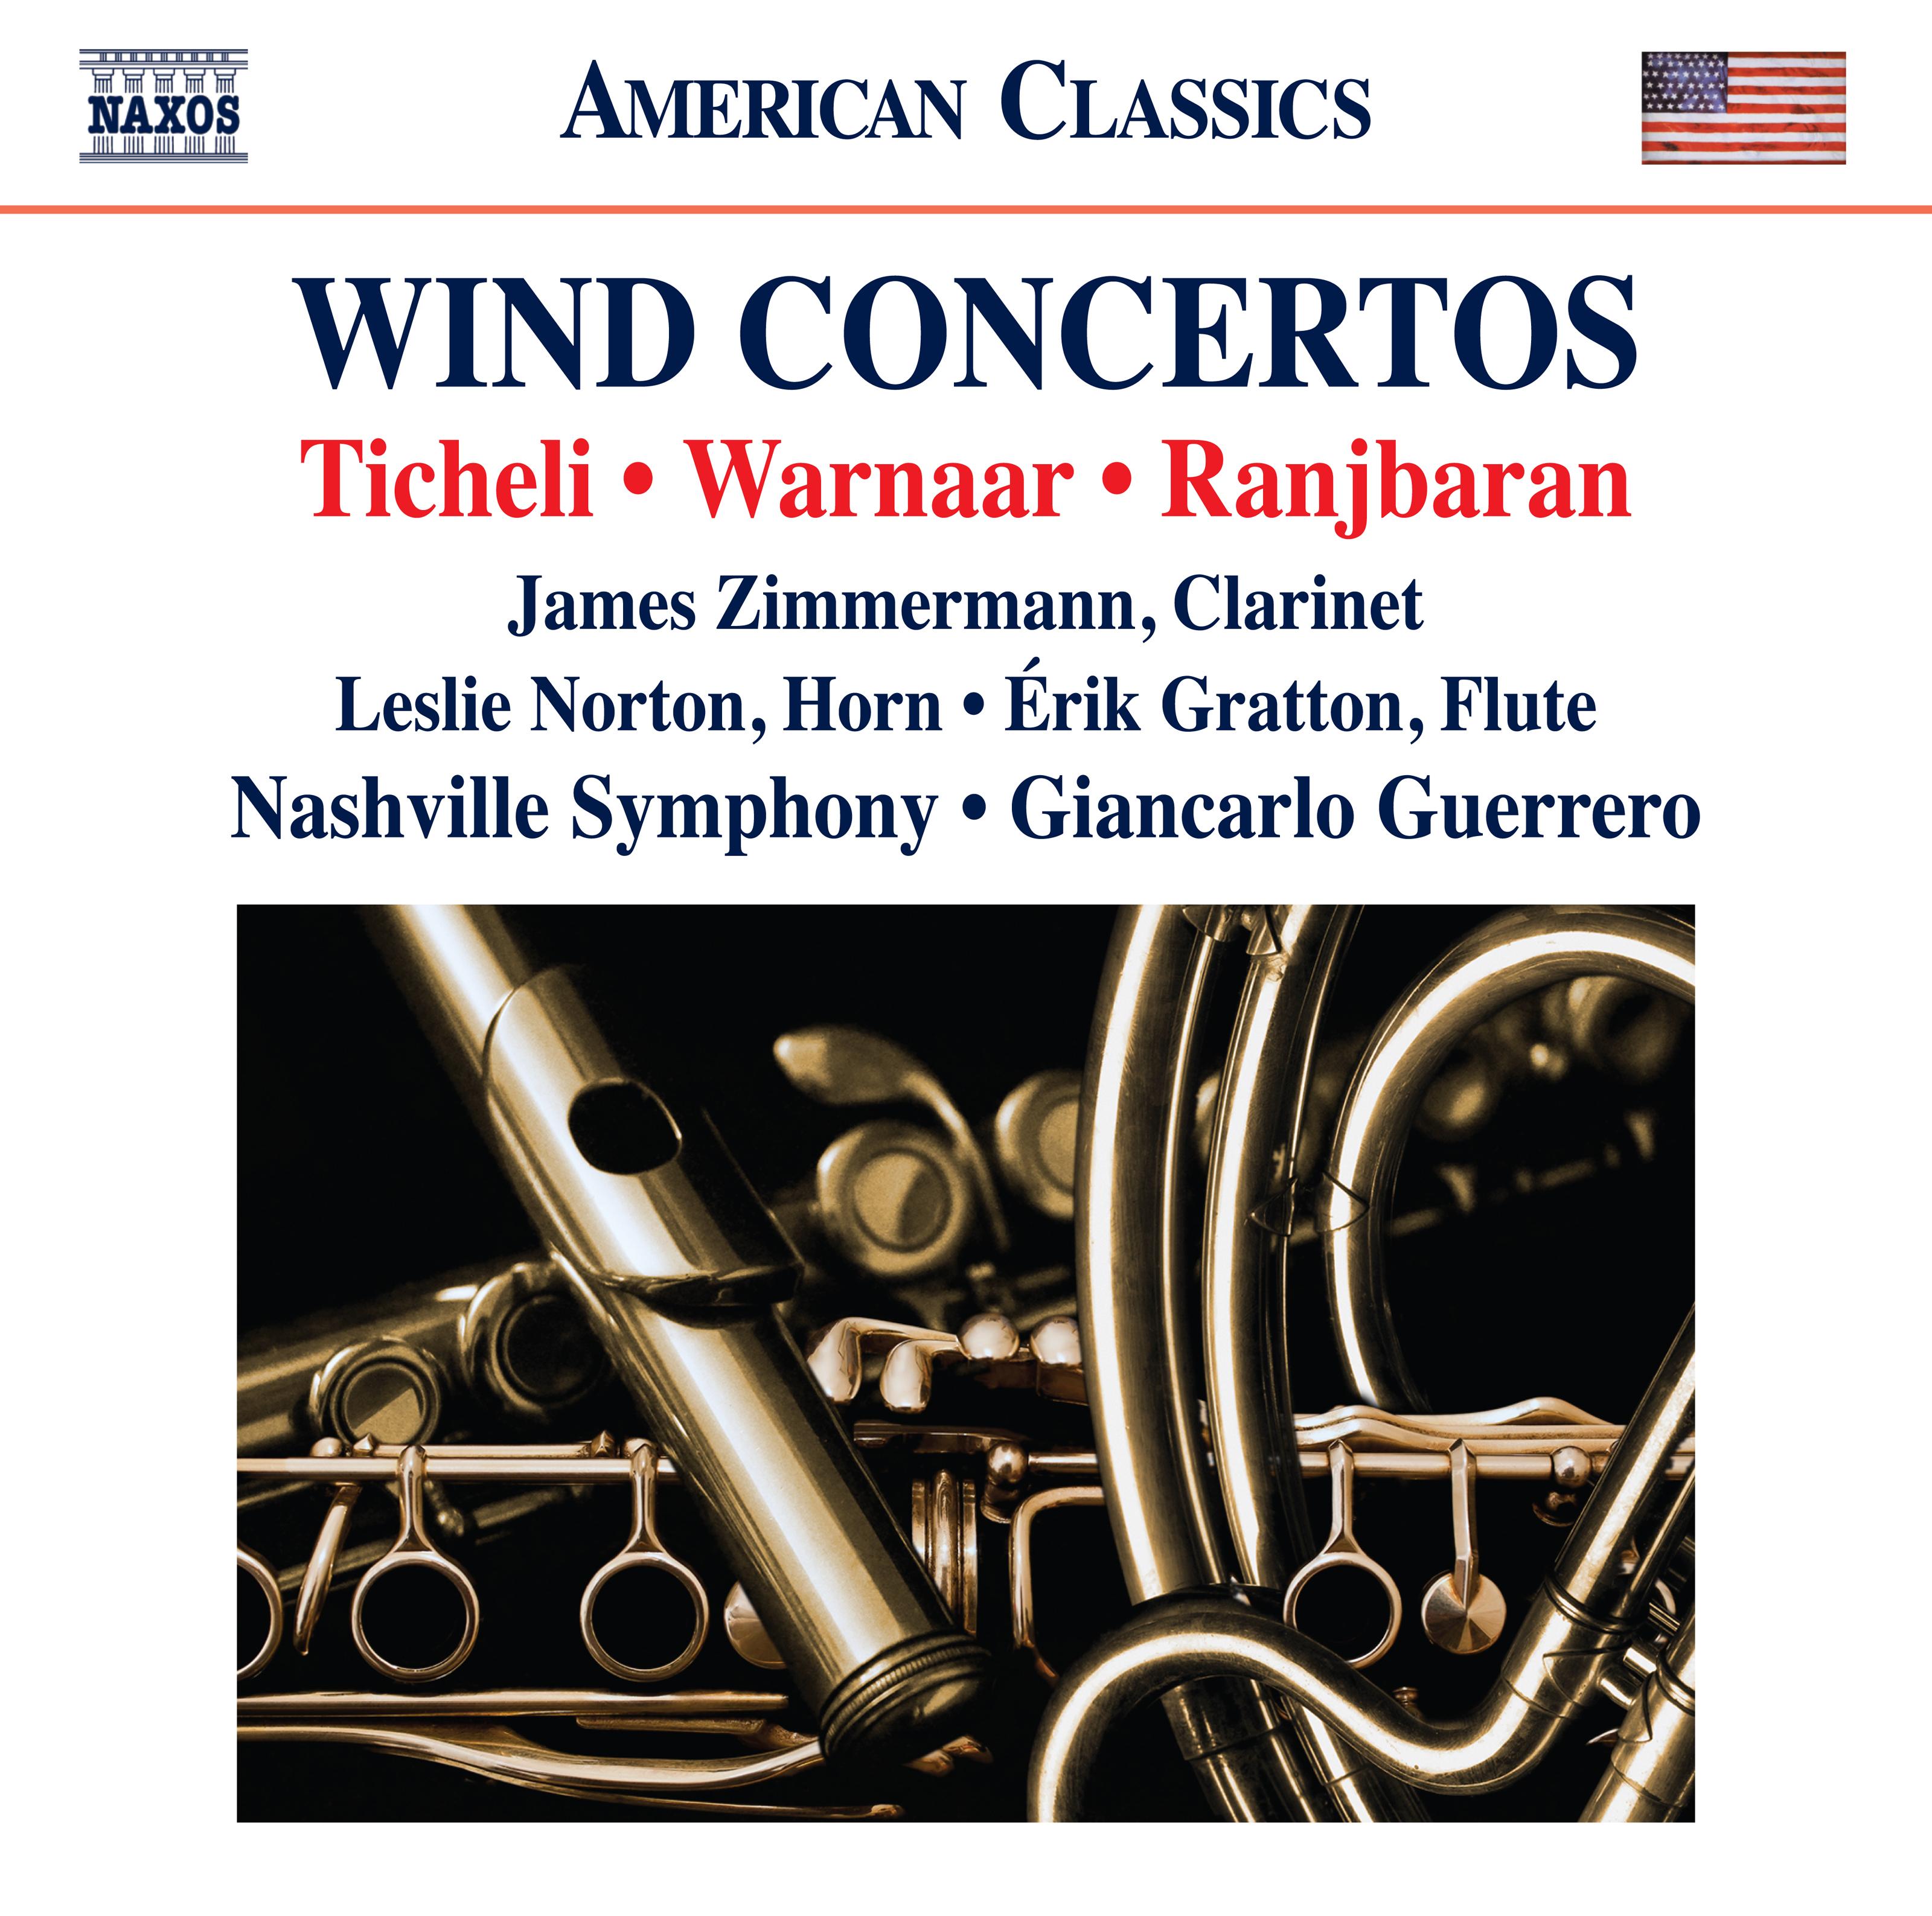 Ticheli, Warnaar & Ranjbaran: Wind Concertos